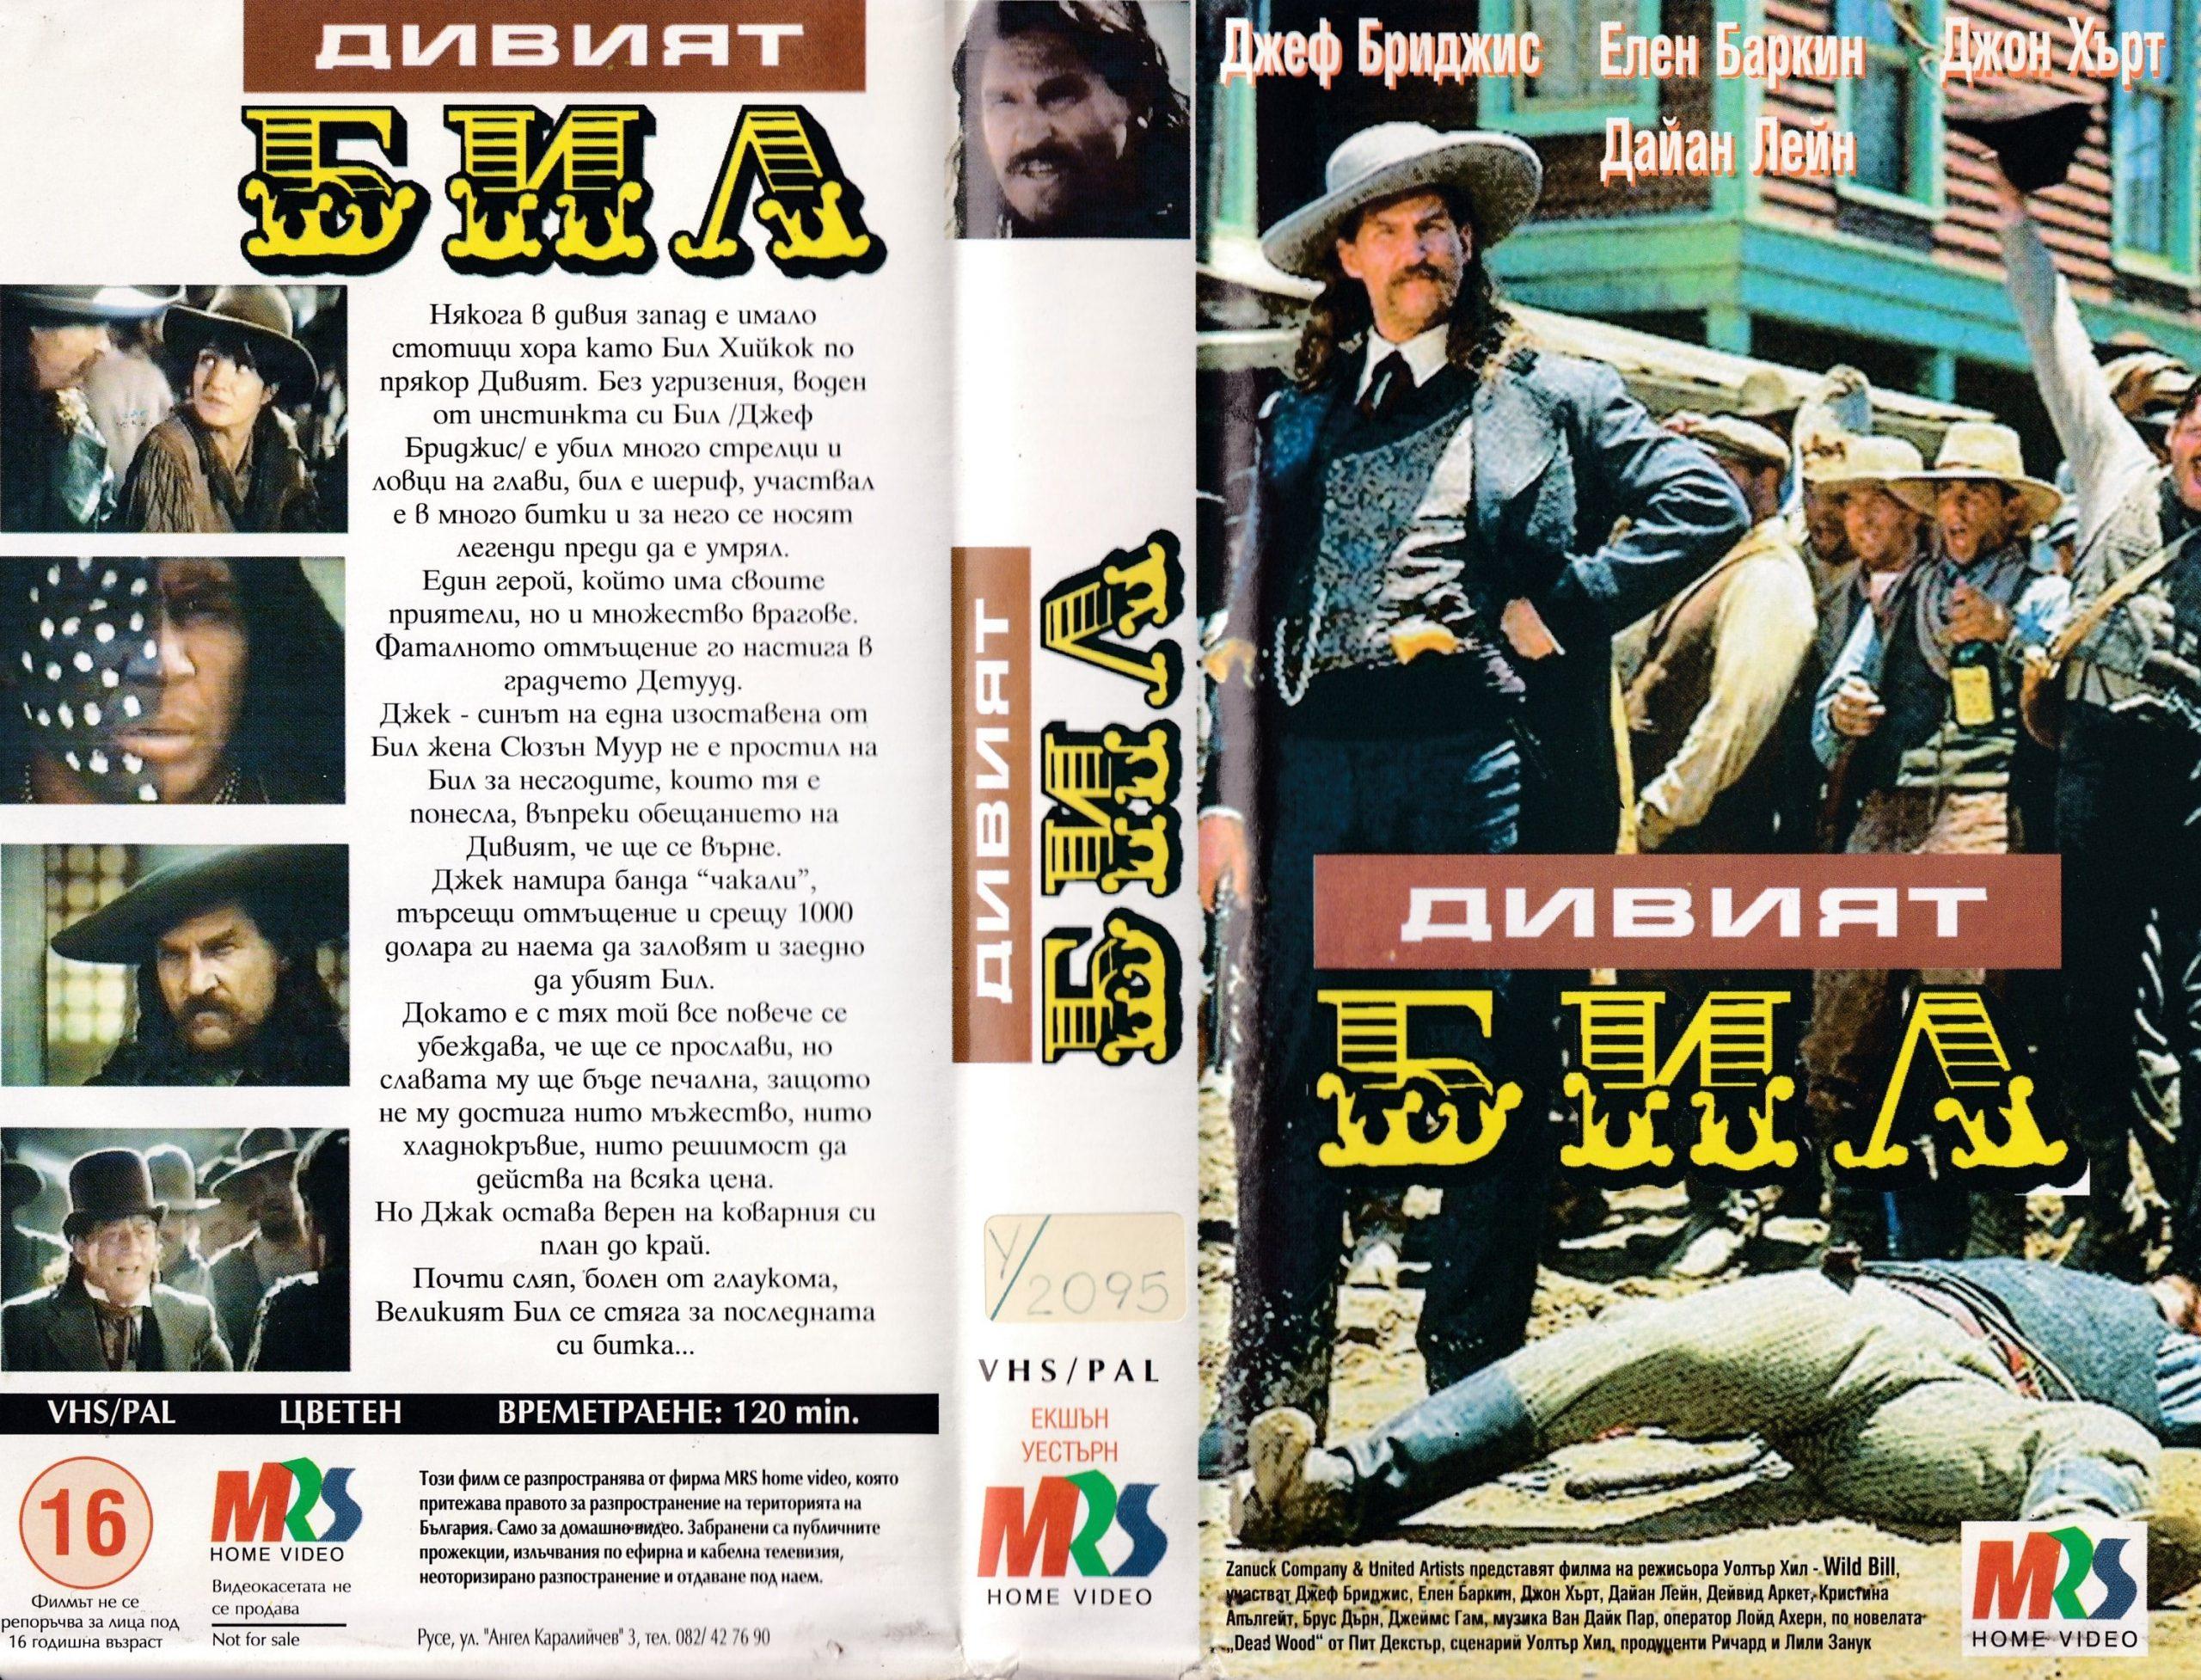 Дивият Бил филм